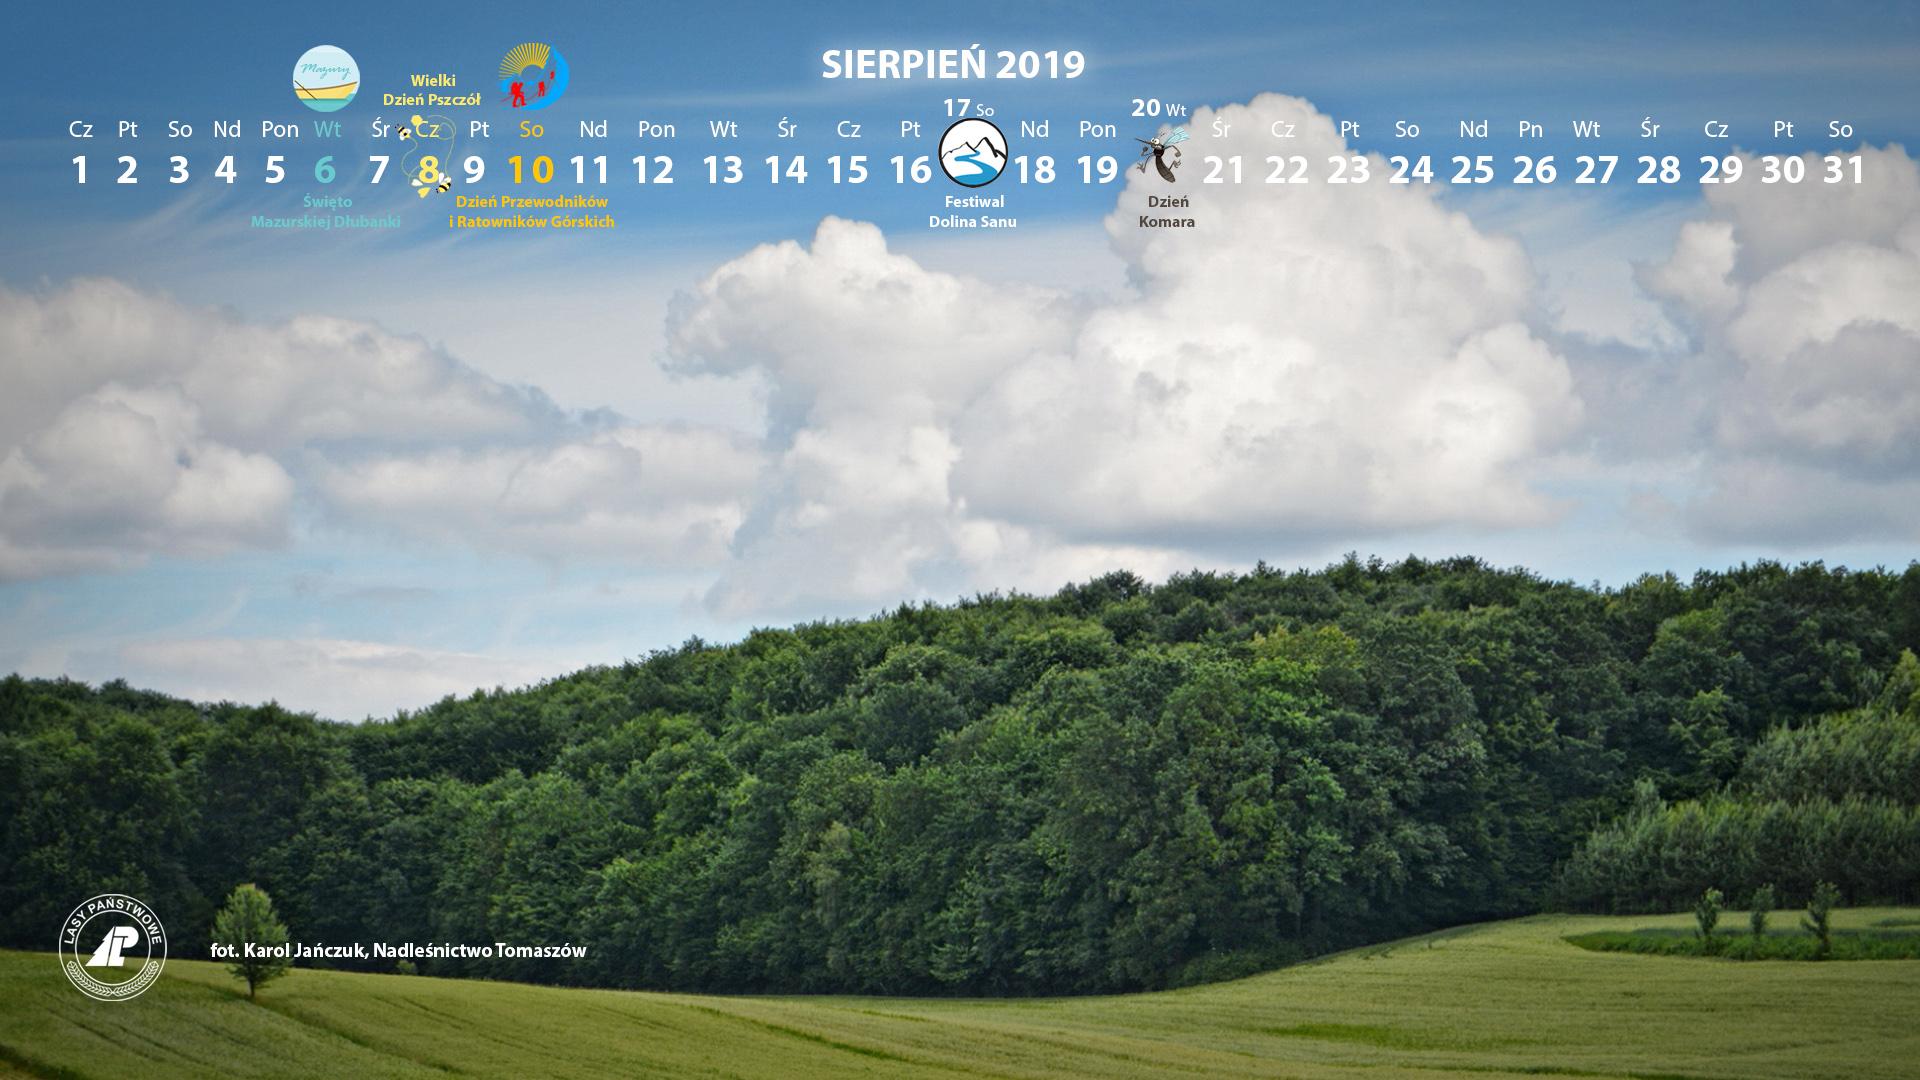 Kalendarz_sierpień_2019_1920x1080[1].jpg